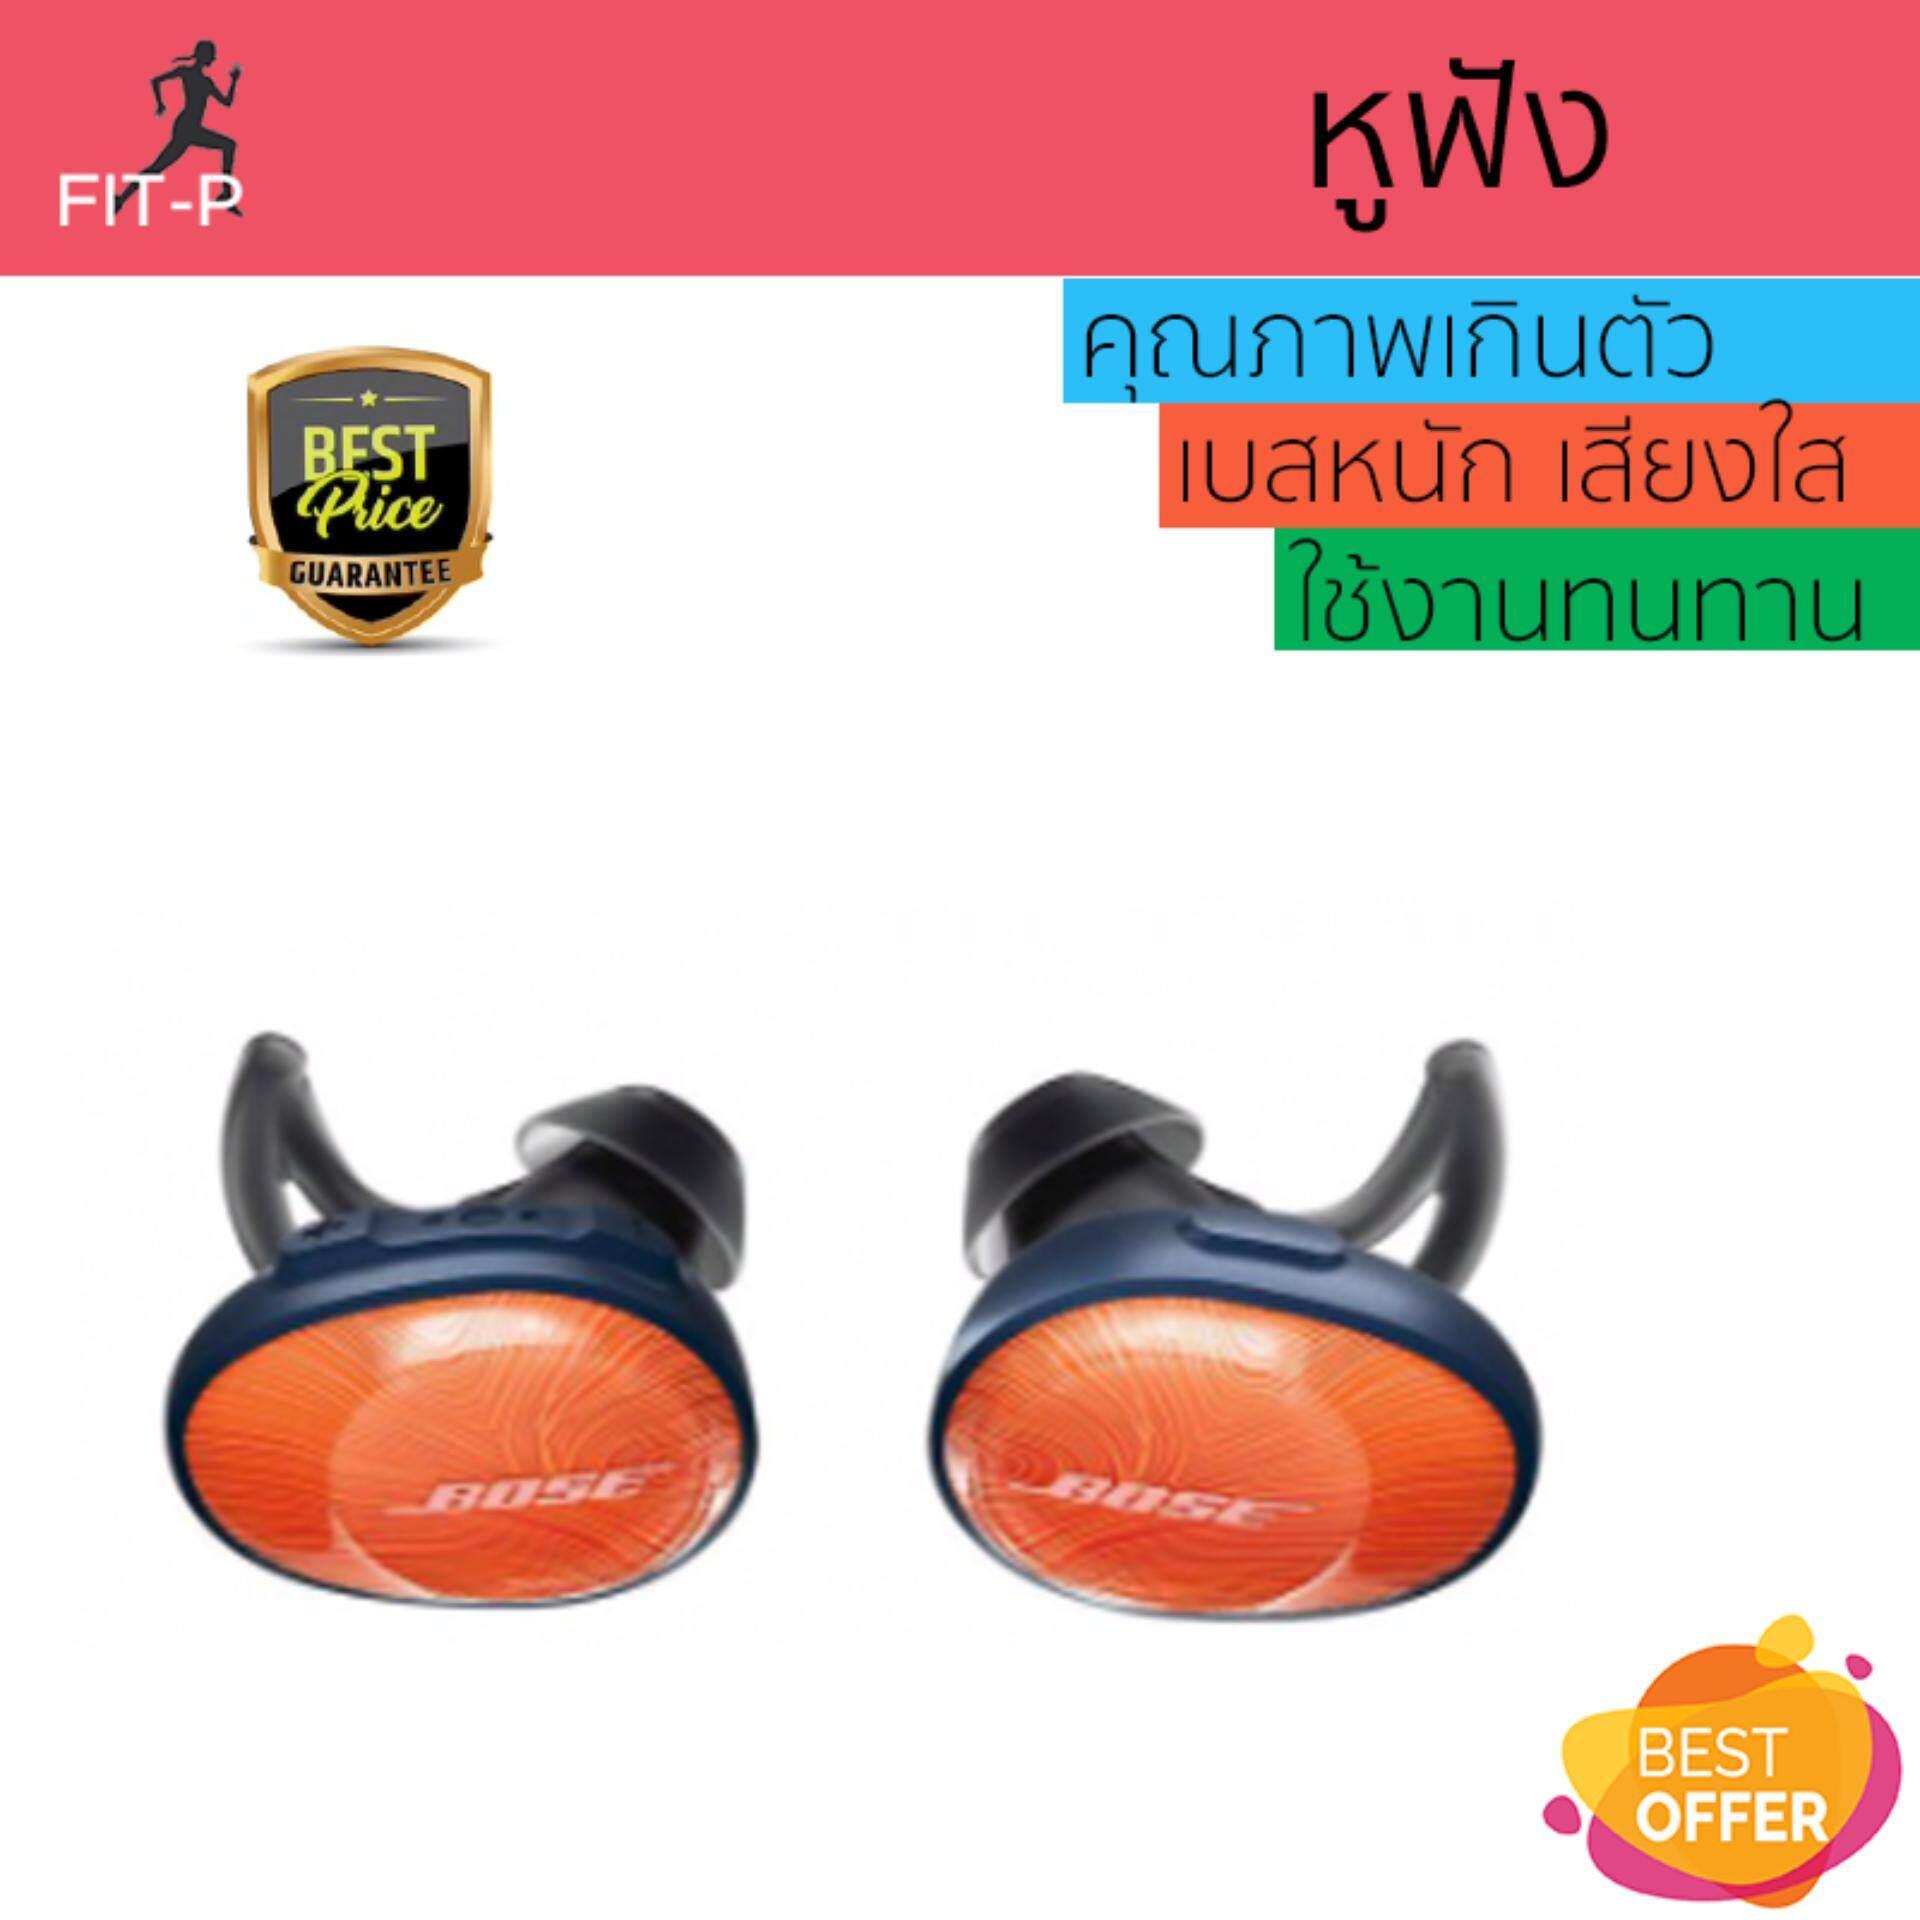 บึงกาฬ ของแท้ หูฟัง Bose SoundSport Free Wireless Headphones Orange เบสหนัก เสียงใส คุณภาพเกินตัว Headphone รับประกัน 1 ปี จัดส่งฟรีทั่วประเทศ